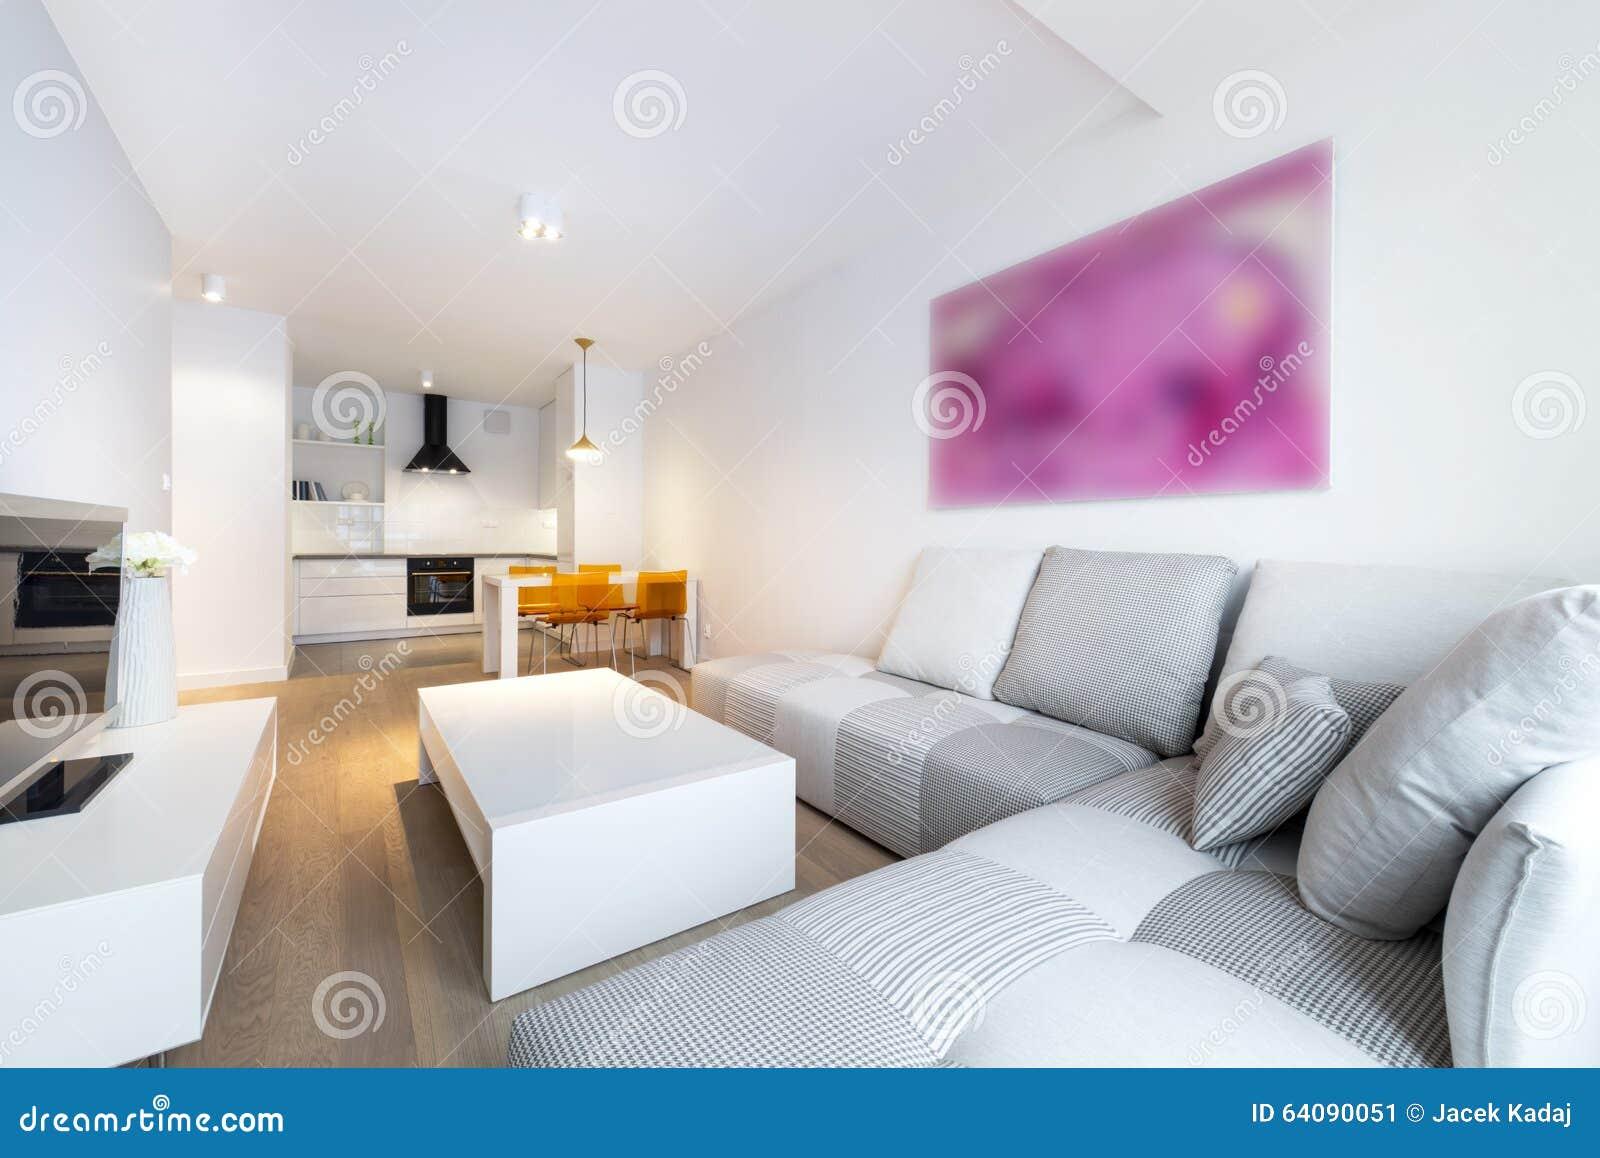 Rc Furniture Interior Design Stock Dealer ~ Wooden kitchen furniture in modern interior evening view